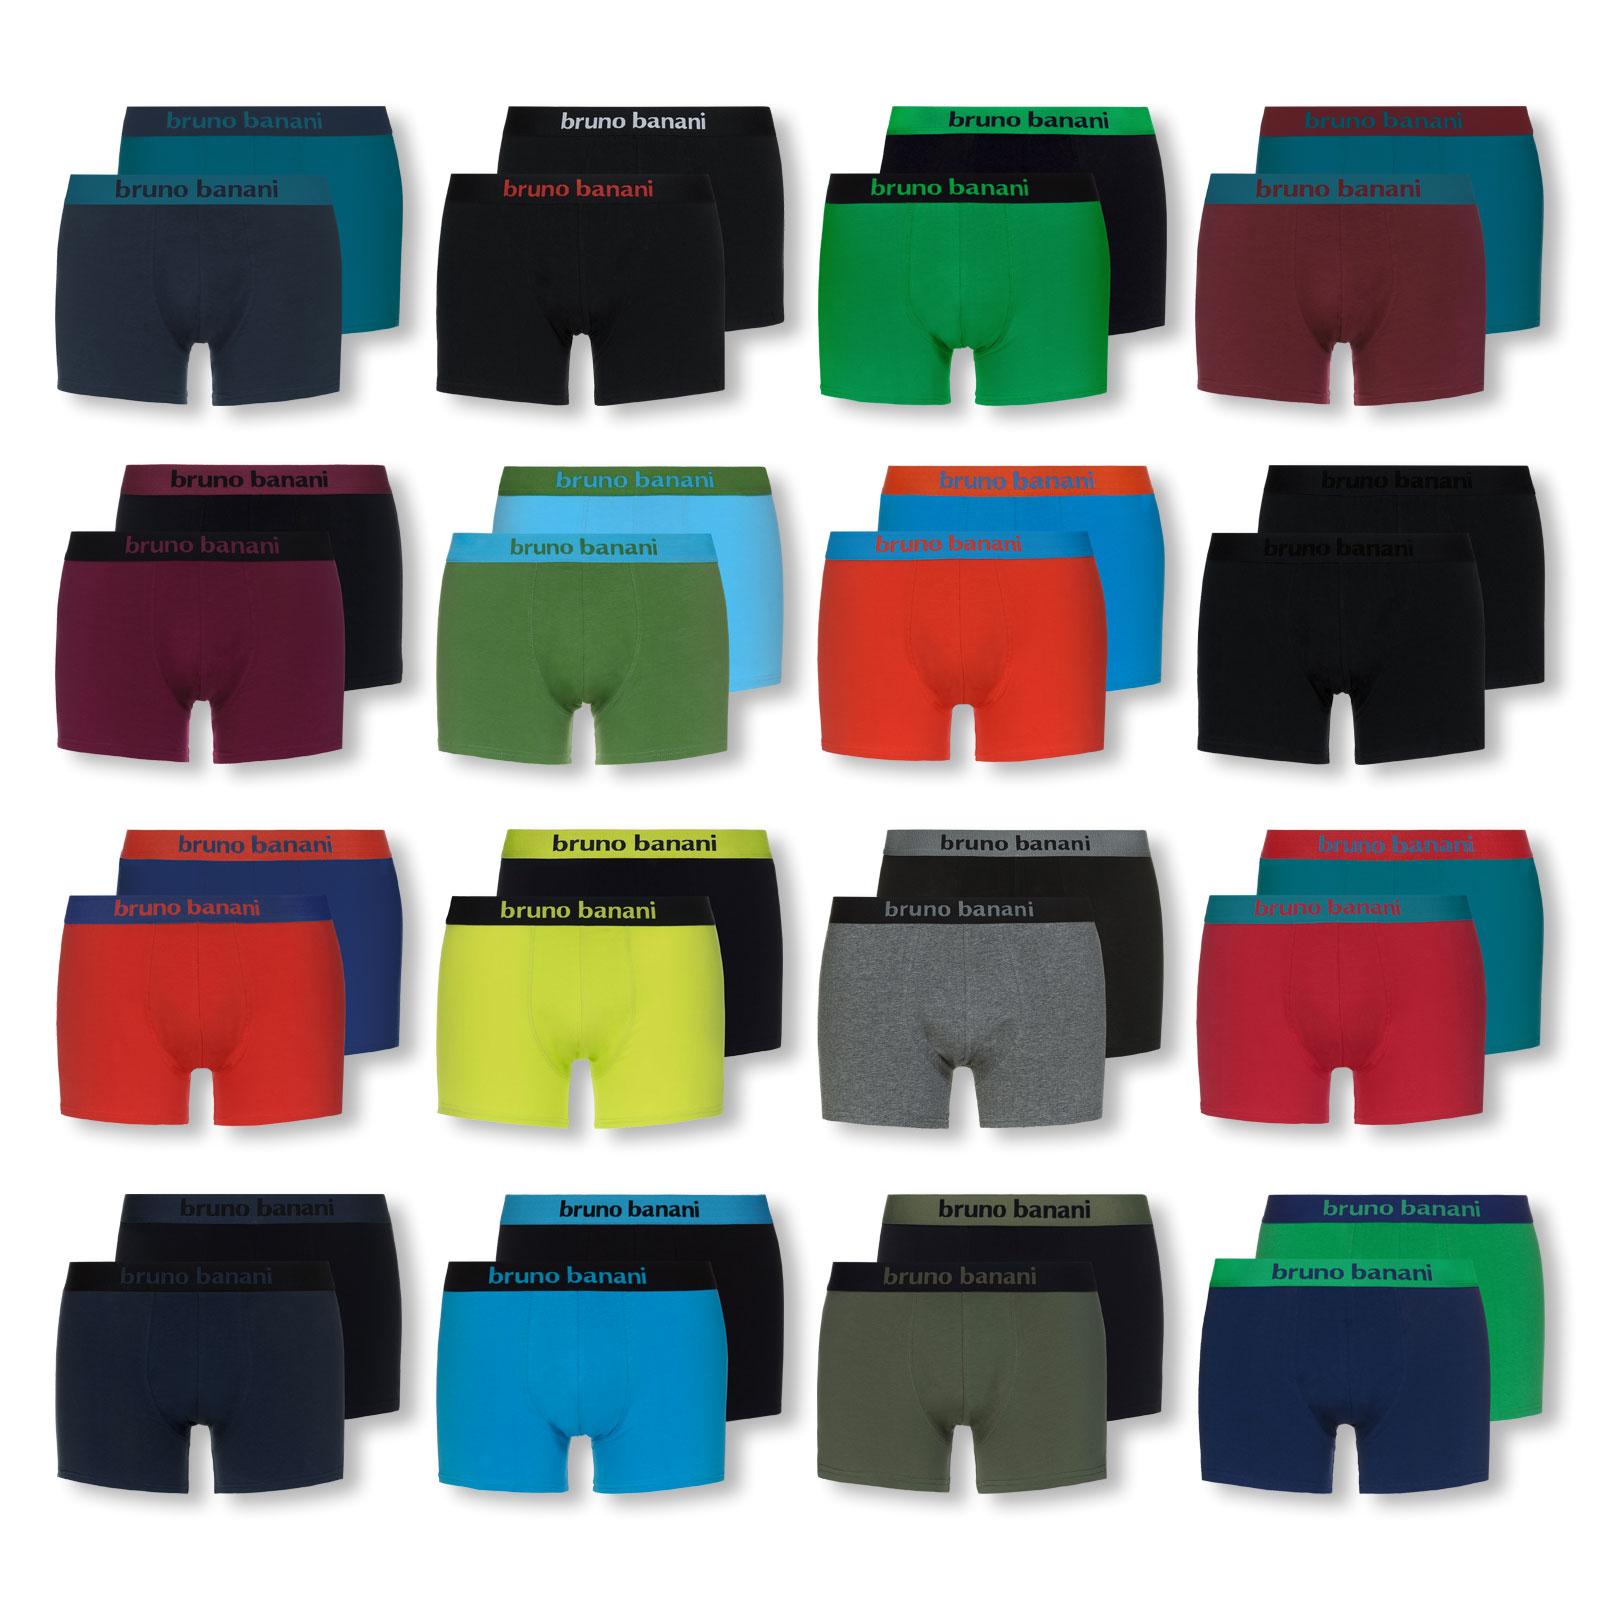 2er 4er 6er Pack bruno banani Boxershorts Shorts Unterhosen Flowing 2201-1388 in blaugrau / schwarz